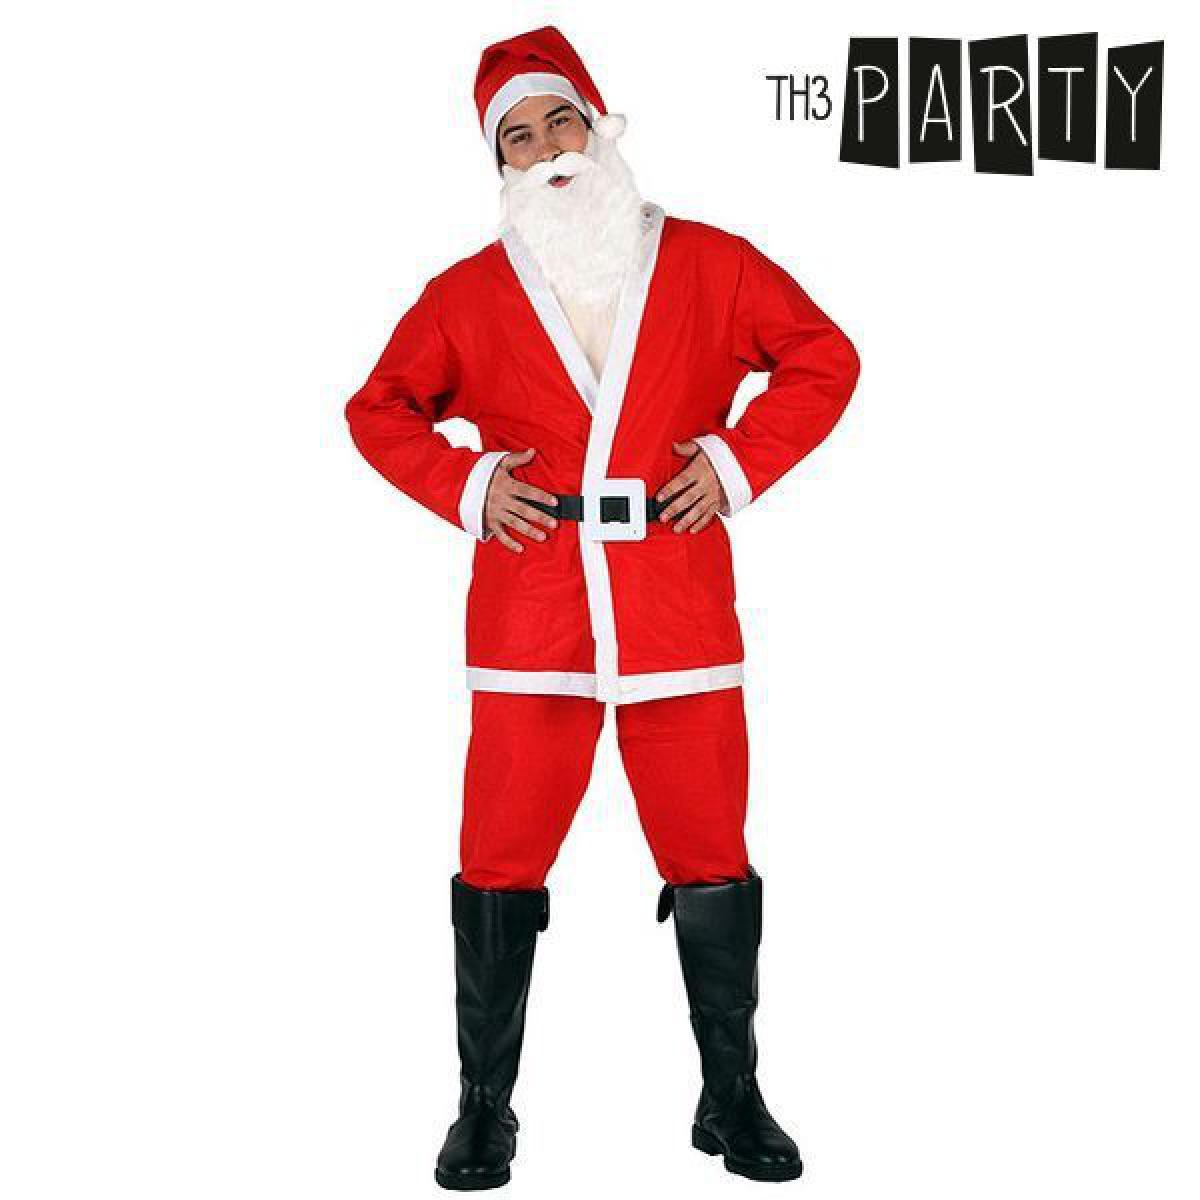 Totalcadeau Costume Père noël - déguisement pas cher adulte Pas cher